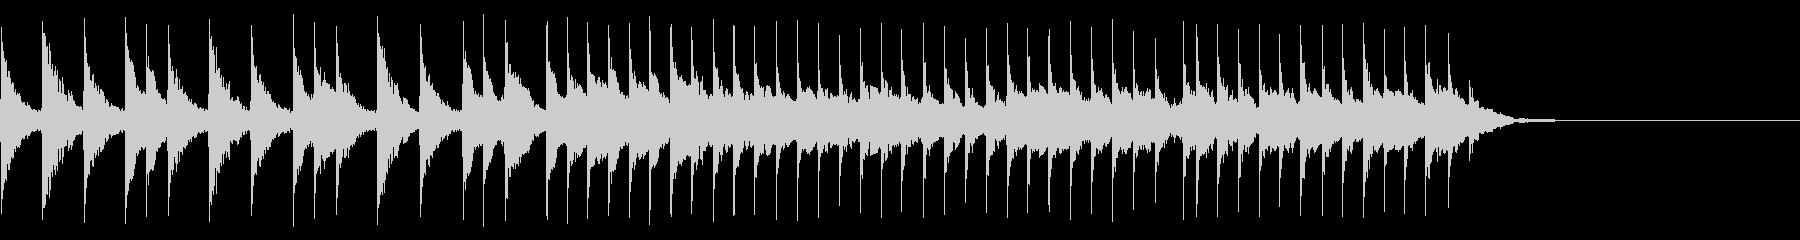 和楽器/三味線/和風フレーズ/#1の未再生の波形